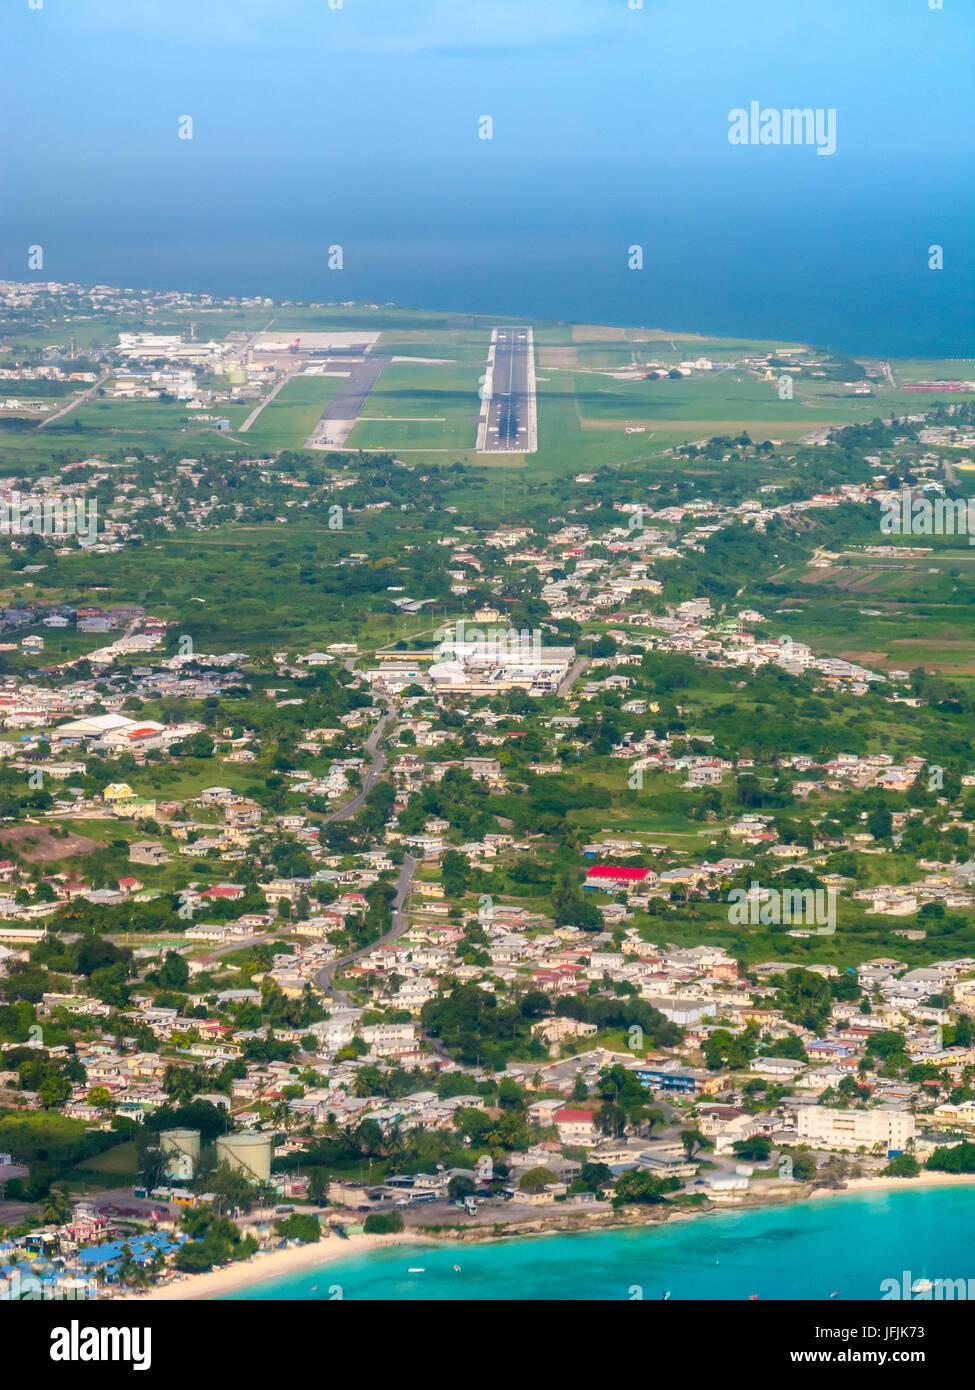 Il Barbados pista approccio, Barbados Grantley Adams International Airport (Gaia) aeroporto, Barbados, West Indies Foto Stock